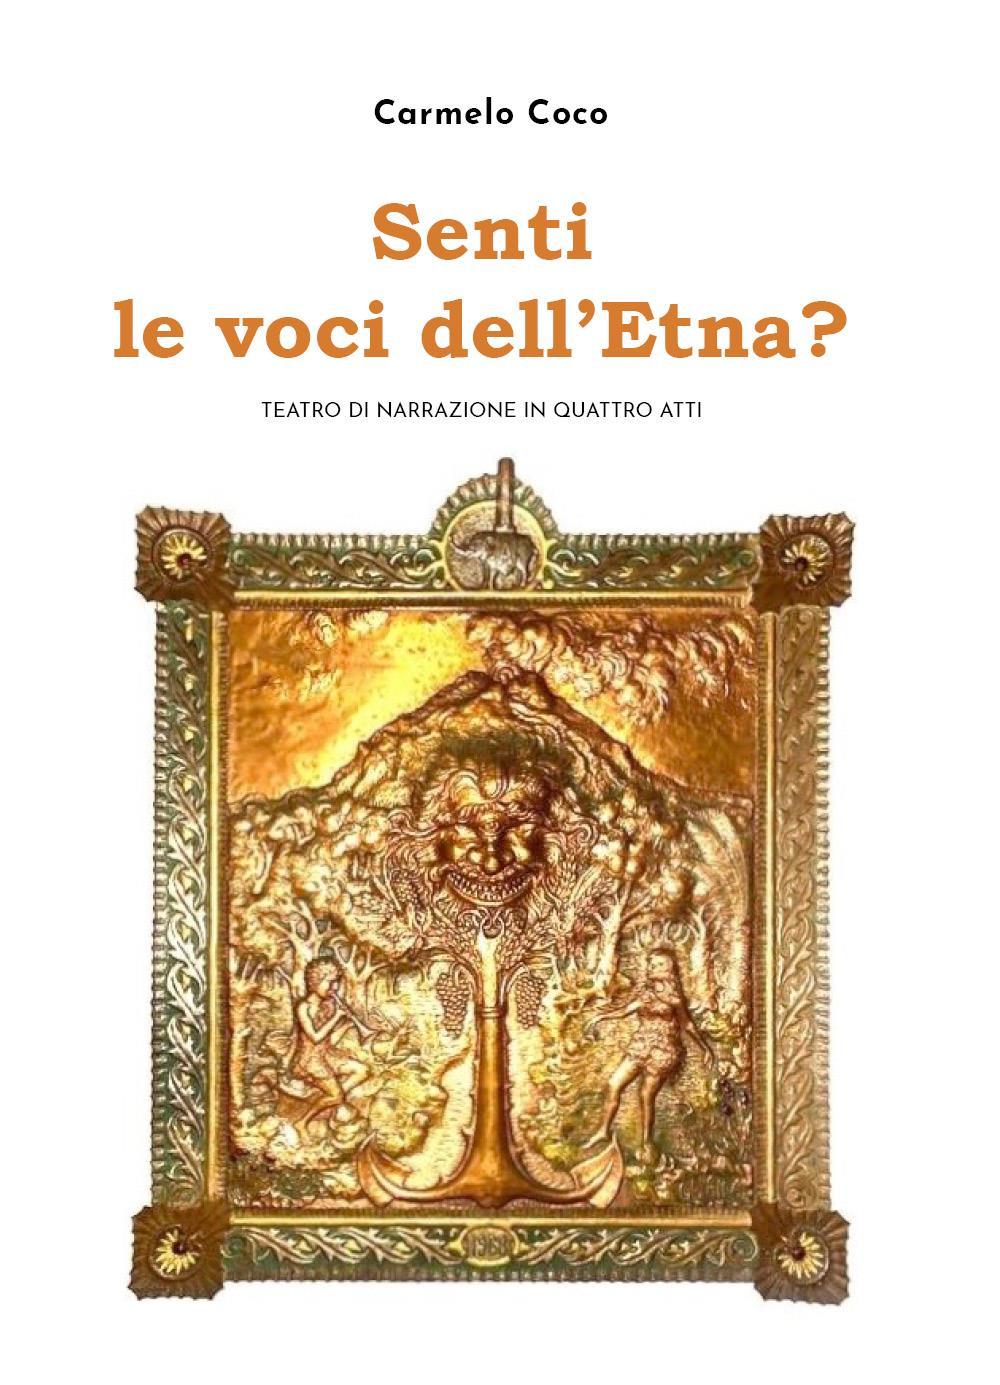 Senti le voci dell'Etna?